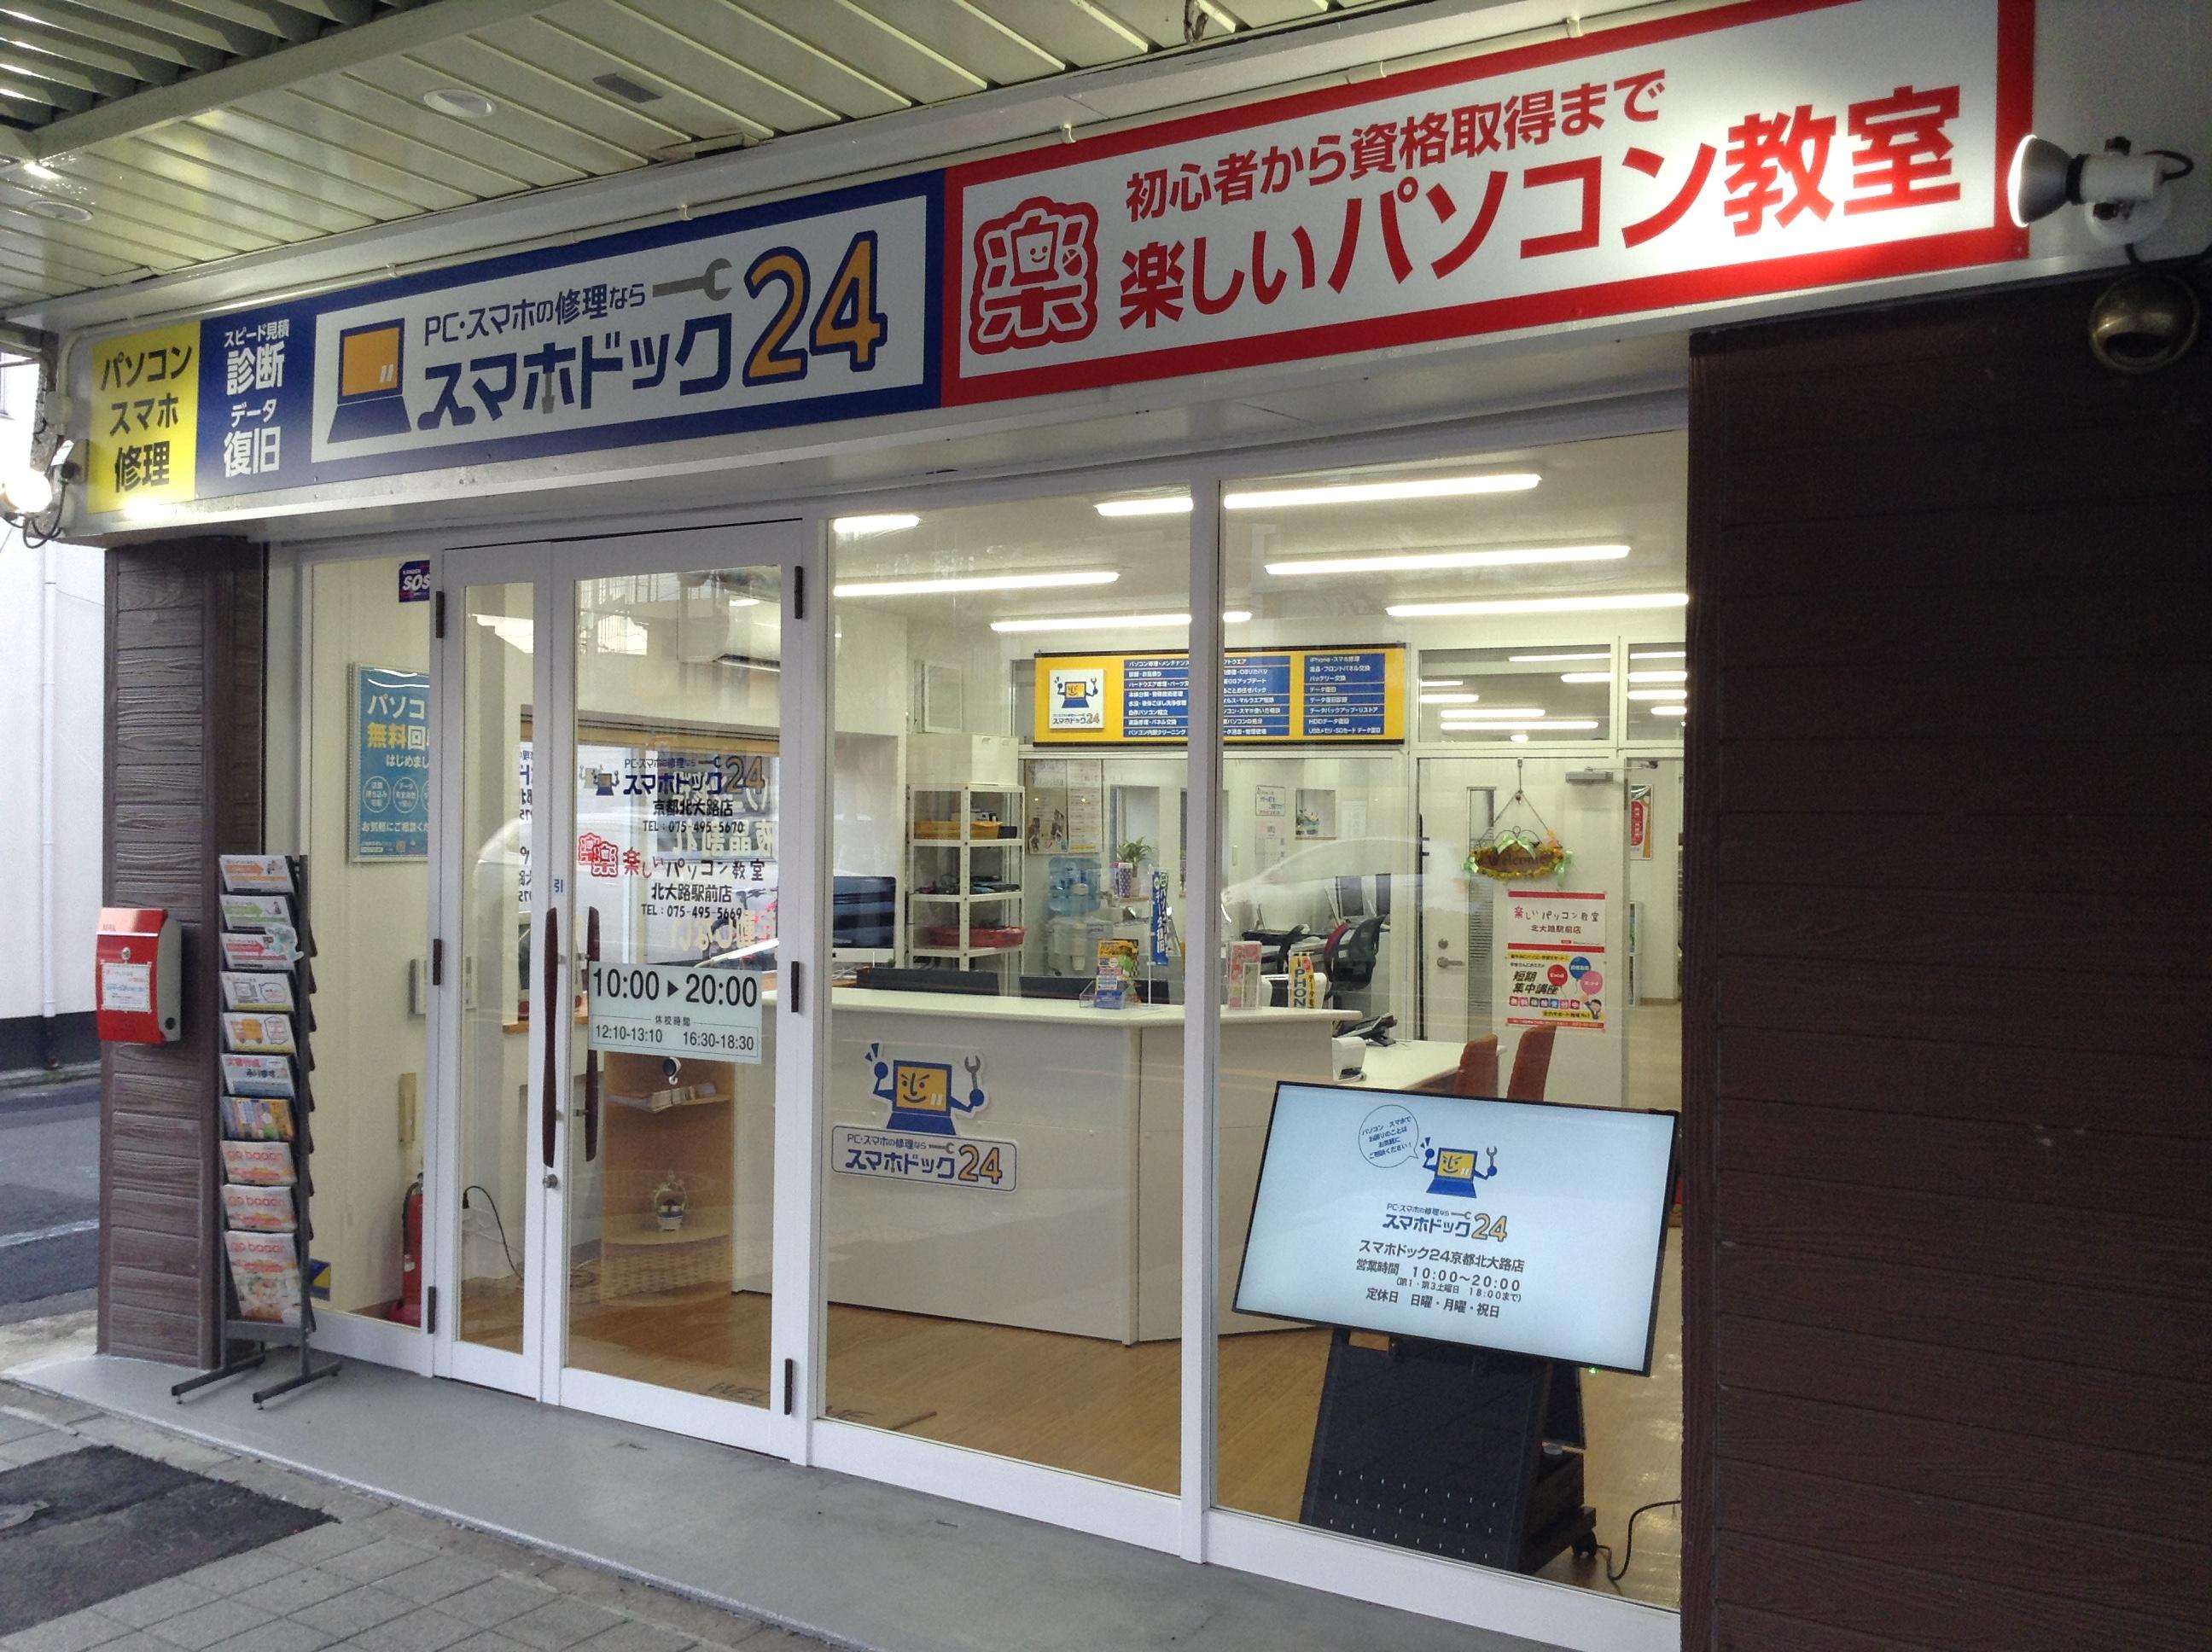 楽しいパソコン教室 北大路駅前店